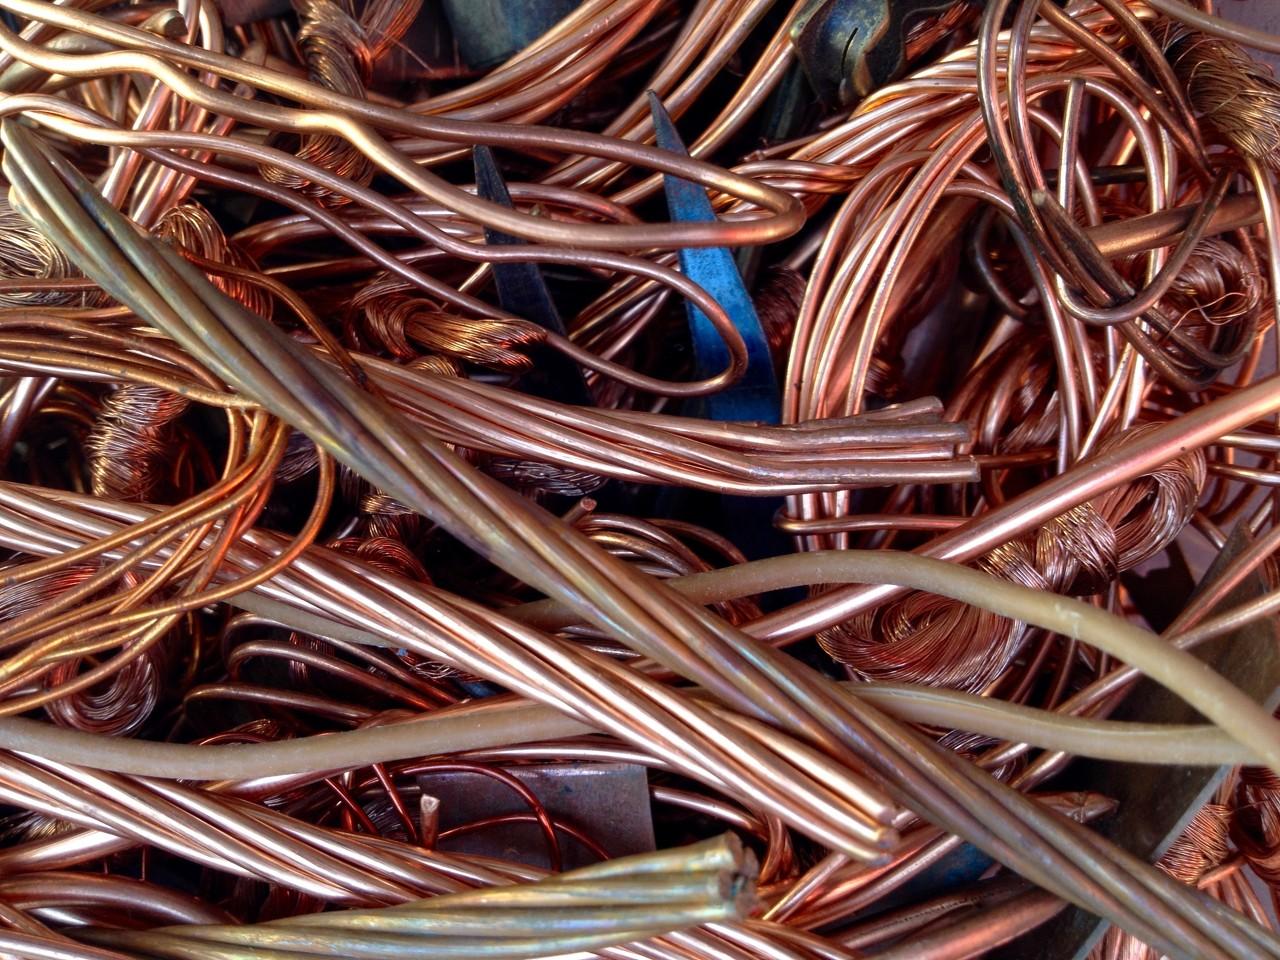 (2021年06月30日)今日国内废铜回收价格多少钱一吨